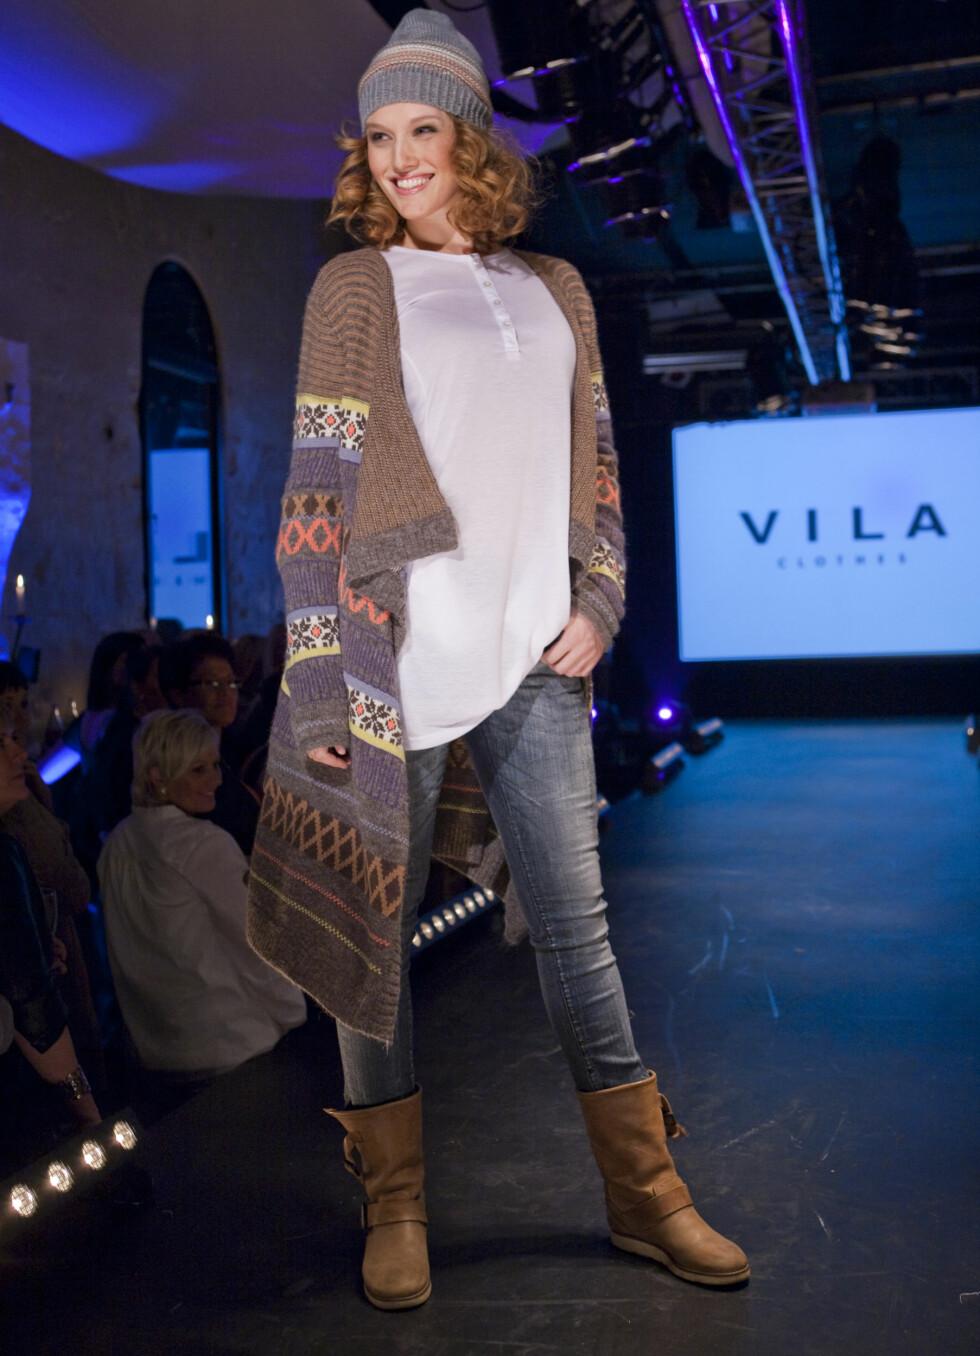 Retro strikkemønster og lett folklore: Slik vil VILA kle deg til høsten.  Foto: Per Ervland